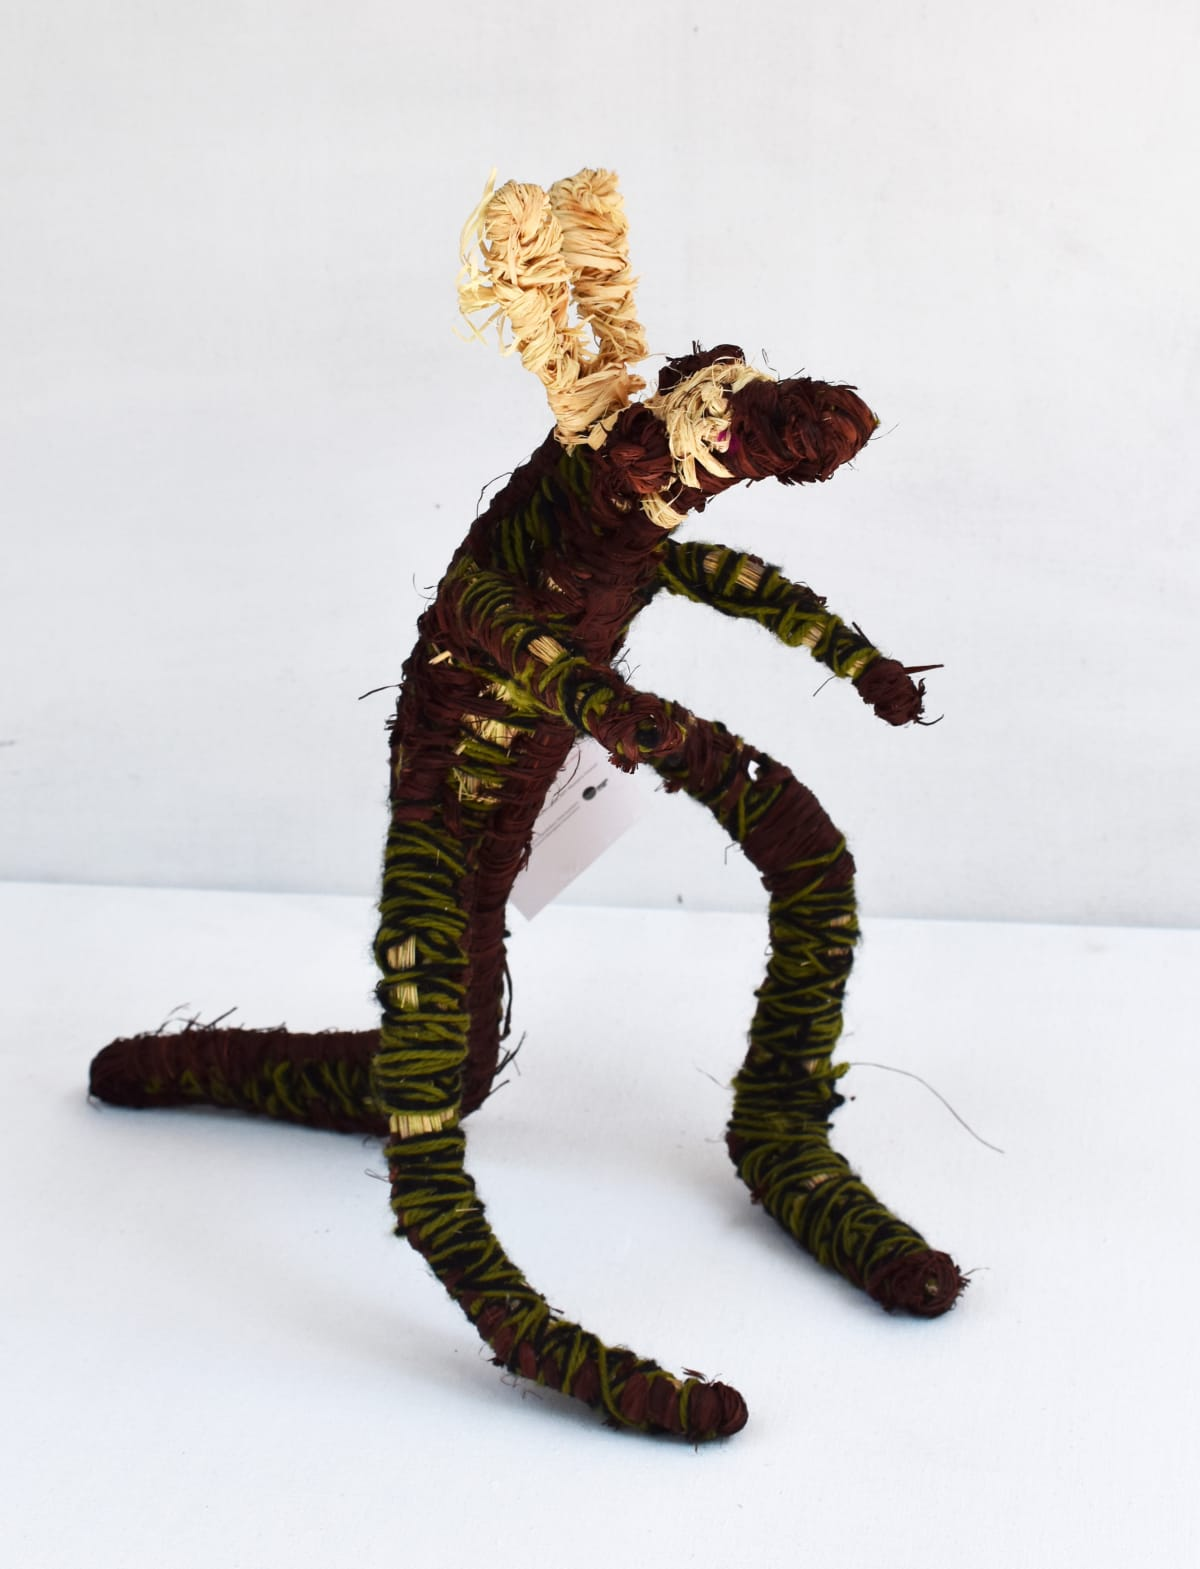 Atipalku Intjulka Malu tjanpi, raffia and yarn 36 x 20 x 38 cm